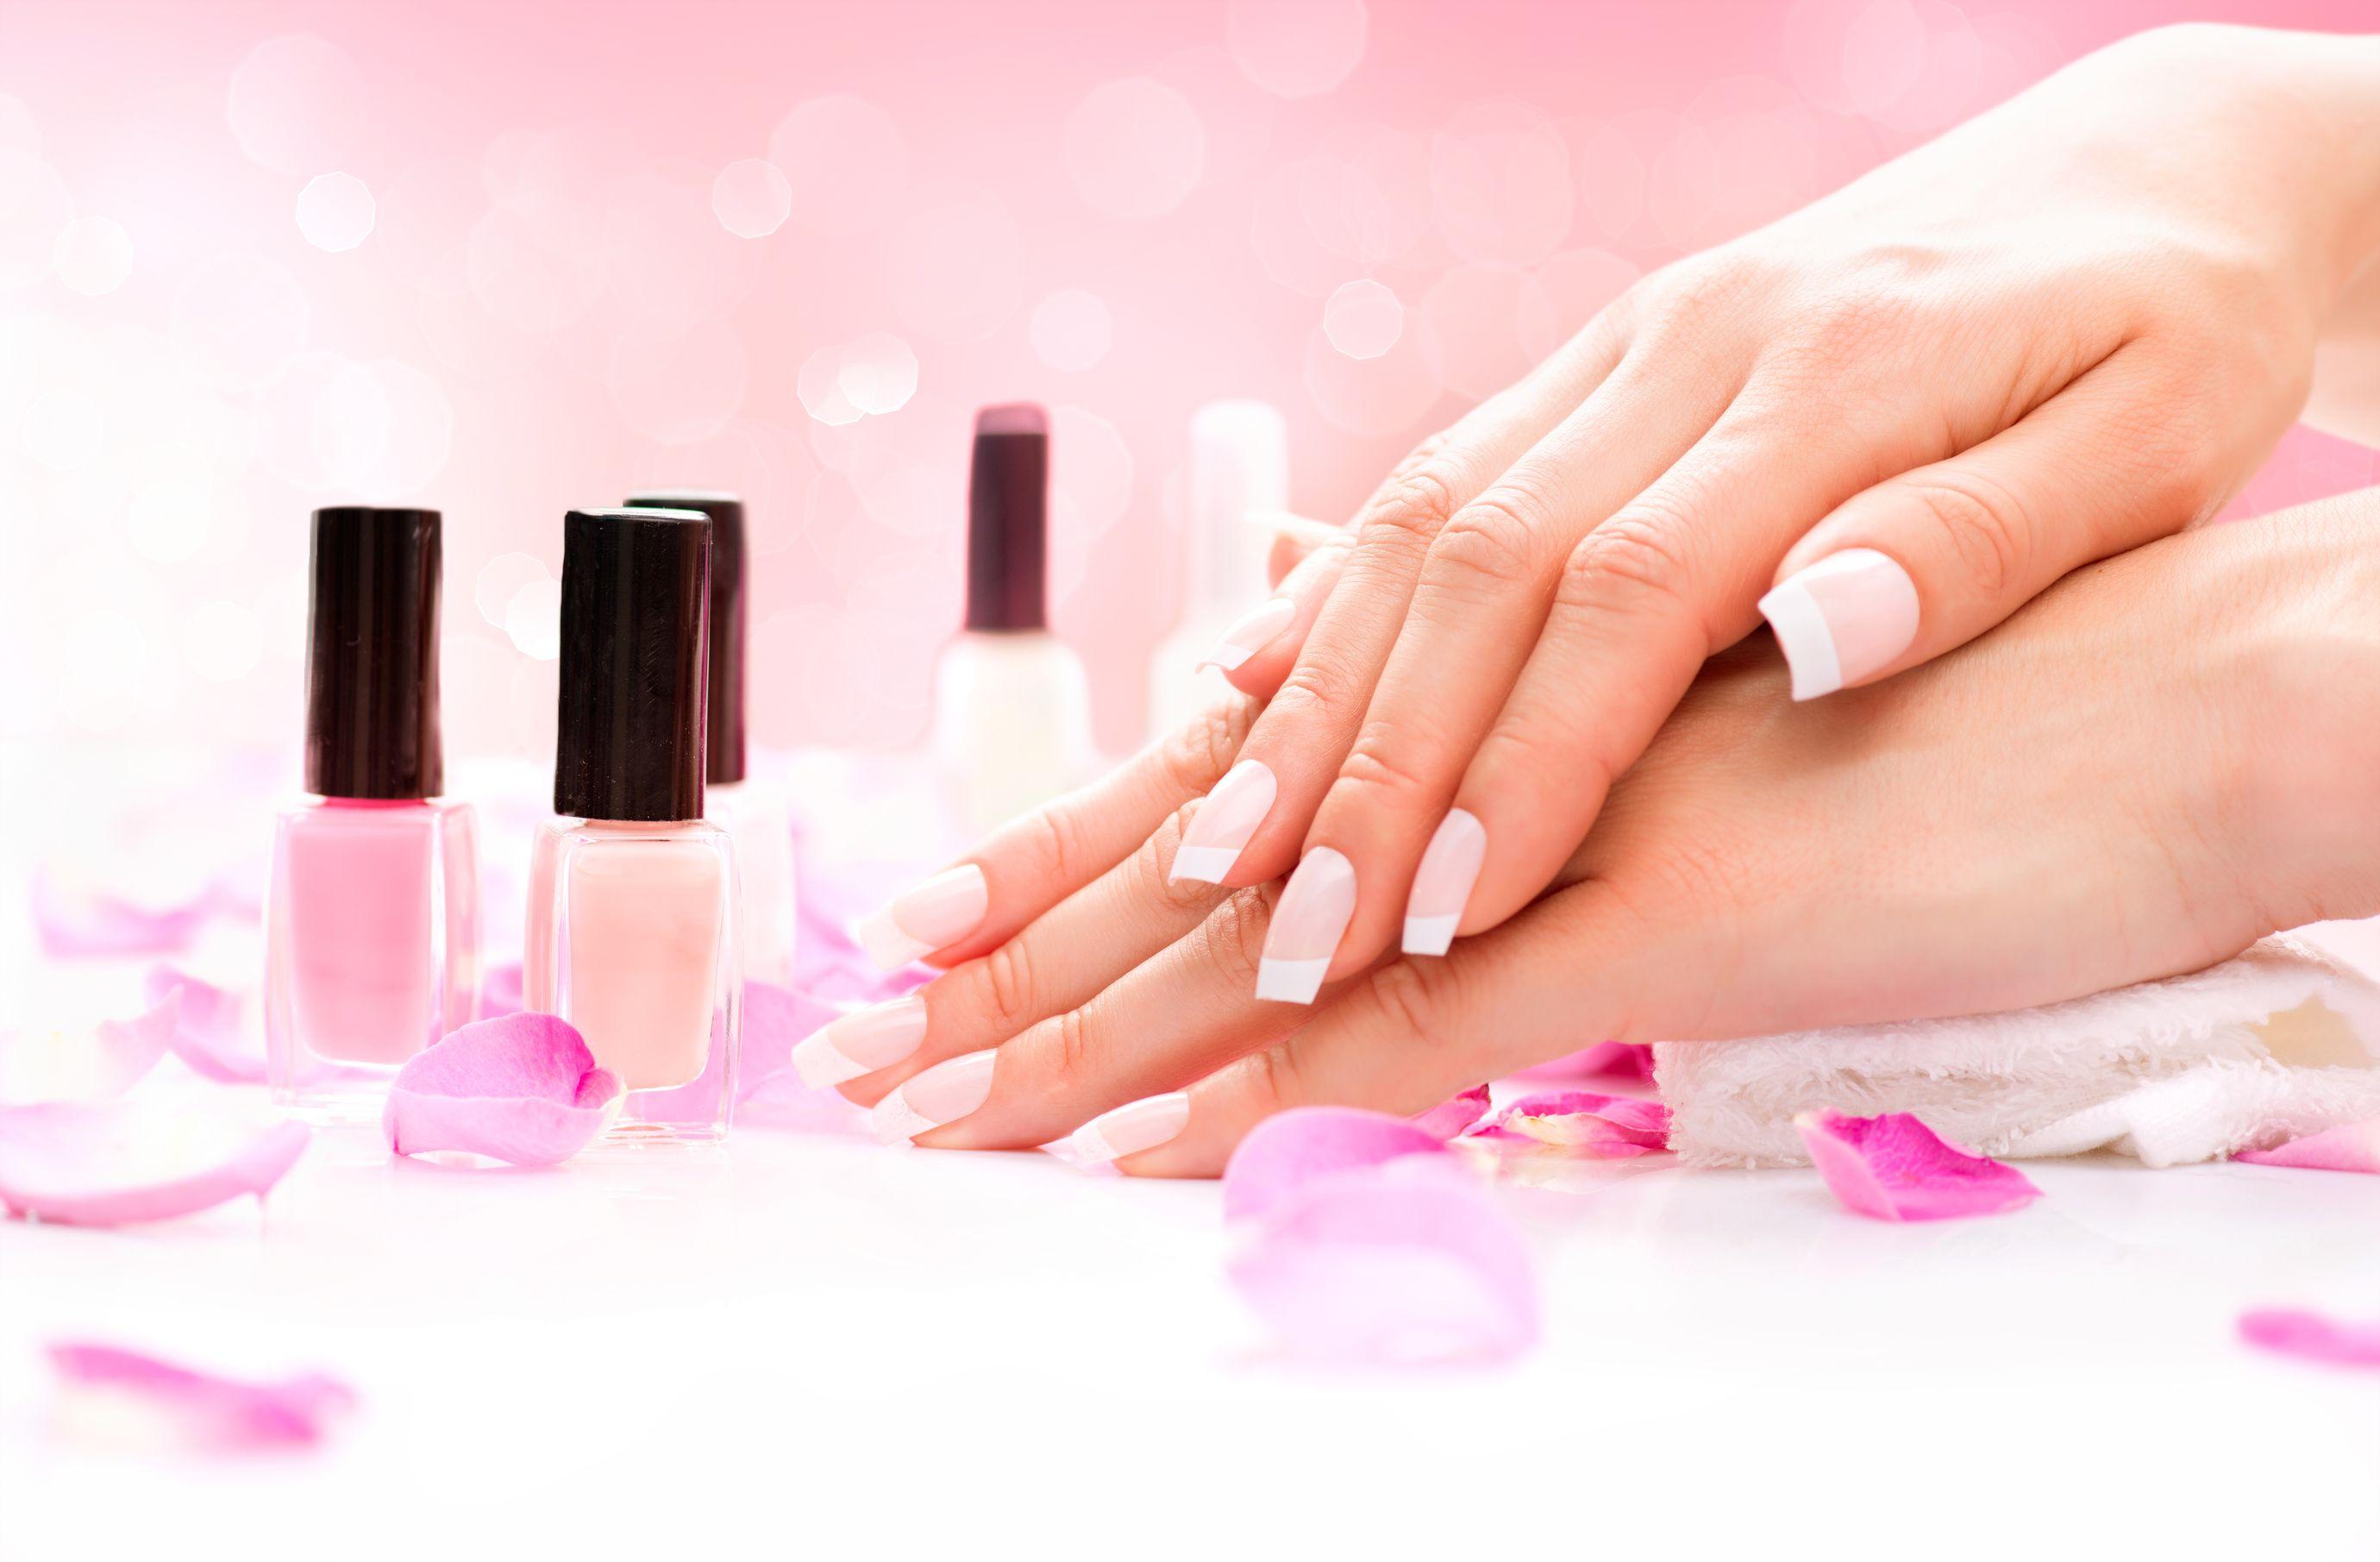 Ballas Nails & Spa - The best nail salon Creve Coeur St. Louis, MO 63141